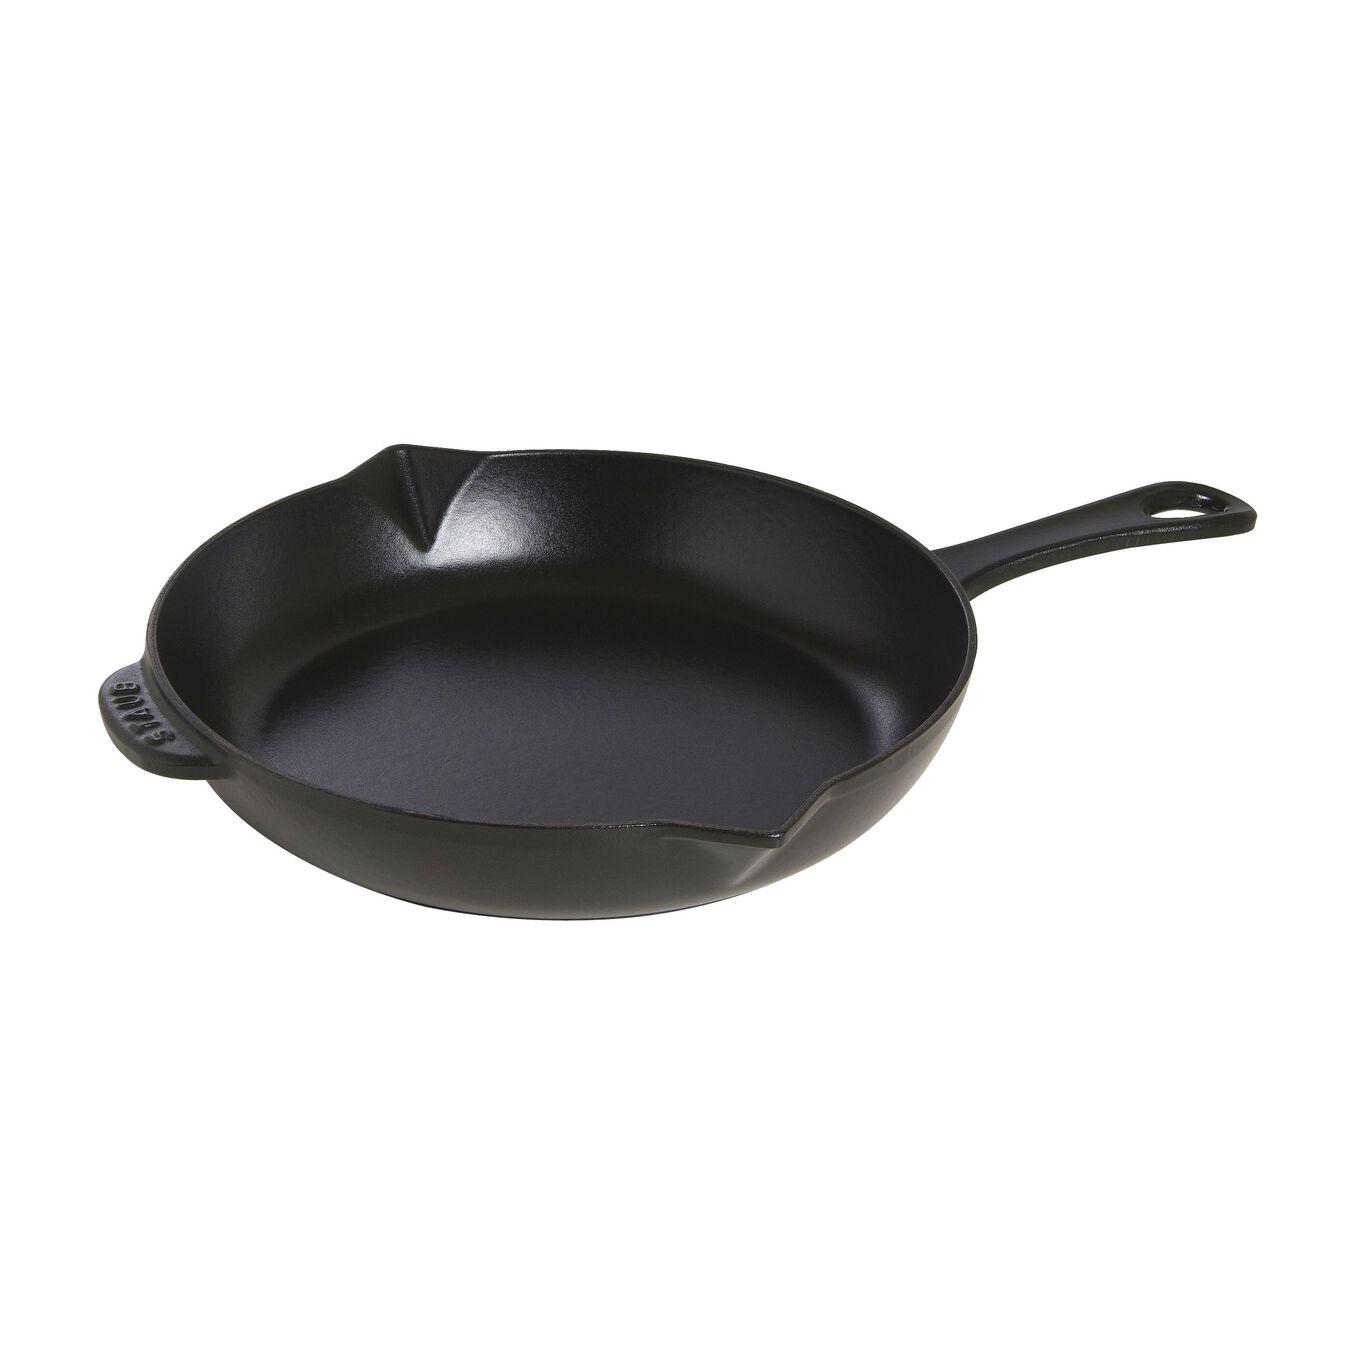 26 cm Cast iron Poêle with pouring spout, Black,,large 1